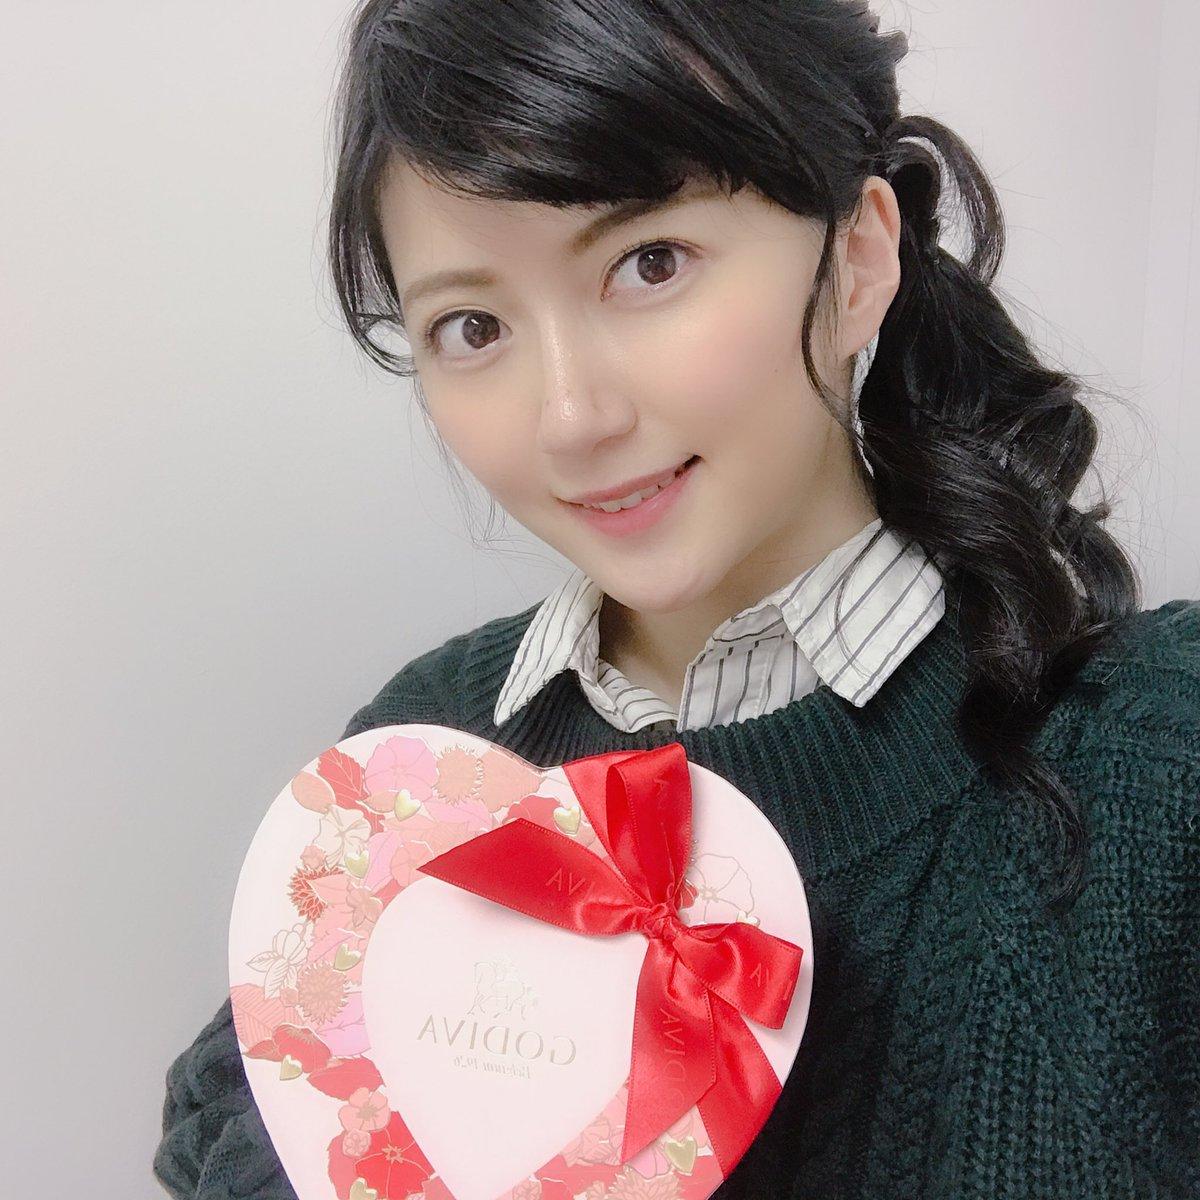 香川愛生❄️Manao Kagawaさんの投稿画像